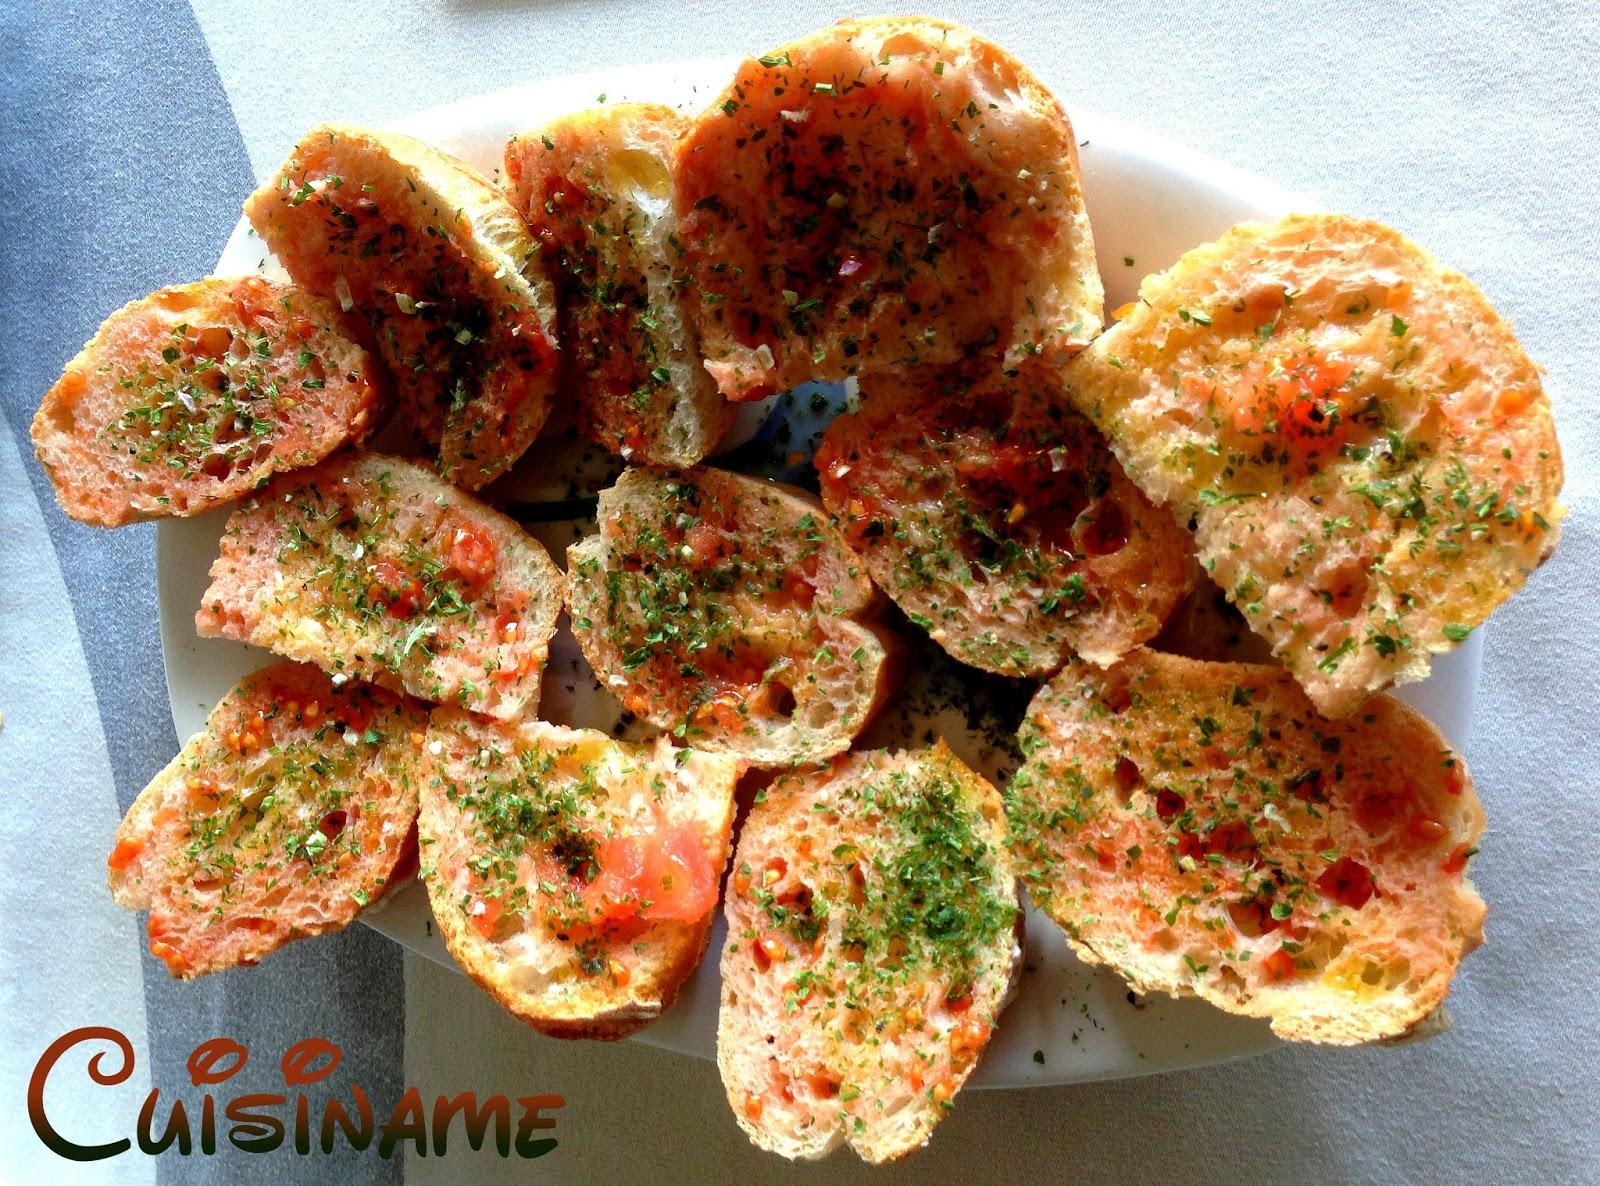 Recetas de cocina cuis name for Comidas caseras faciles